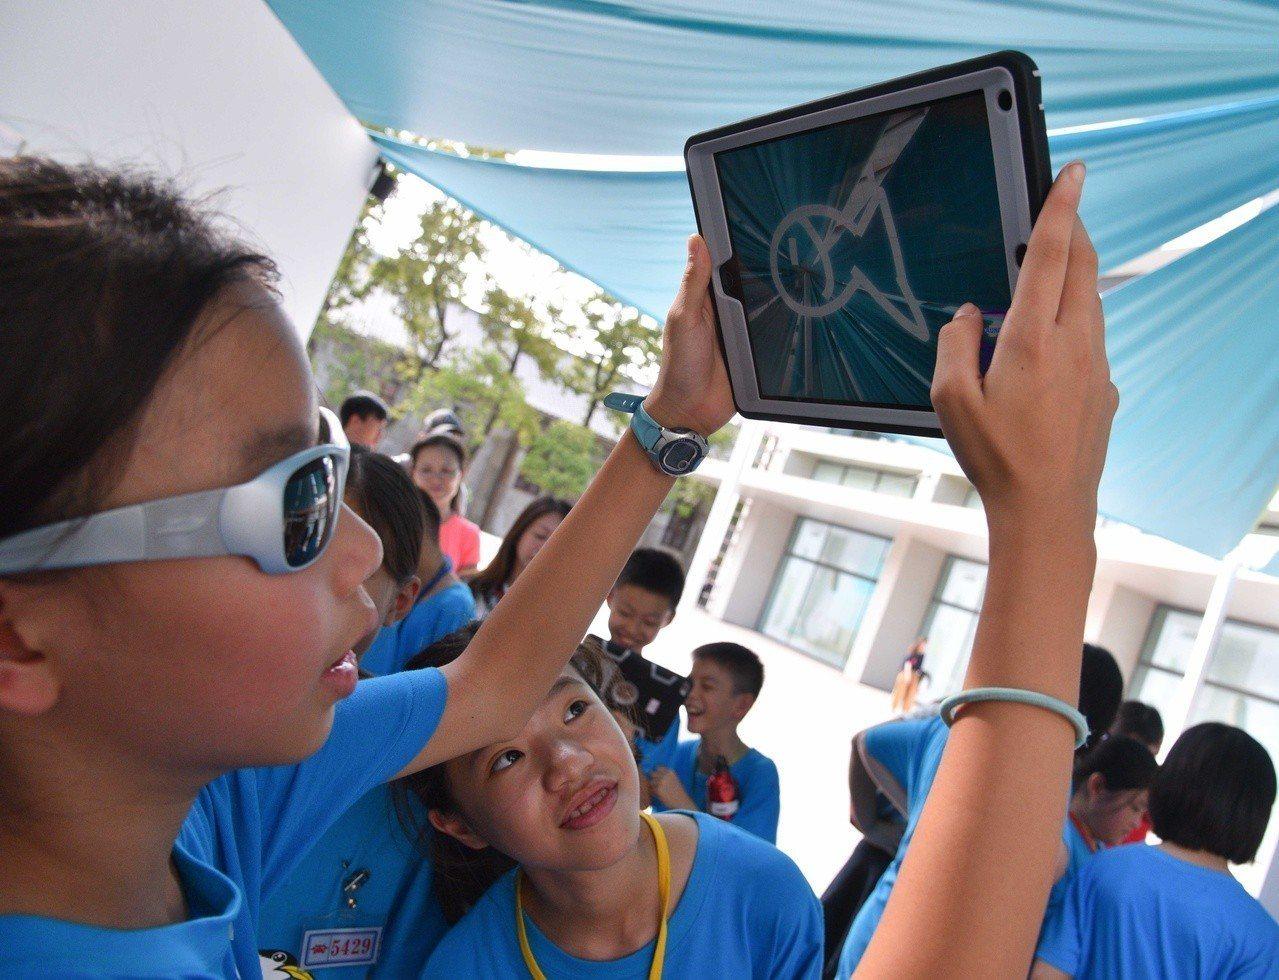 天空創意節首獎作品「未來家庭」,使用者只要用手指在平板電腦上畫出水中生物的外型,...